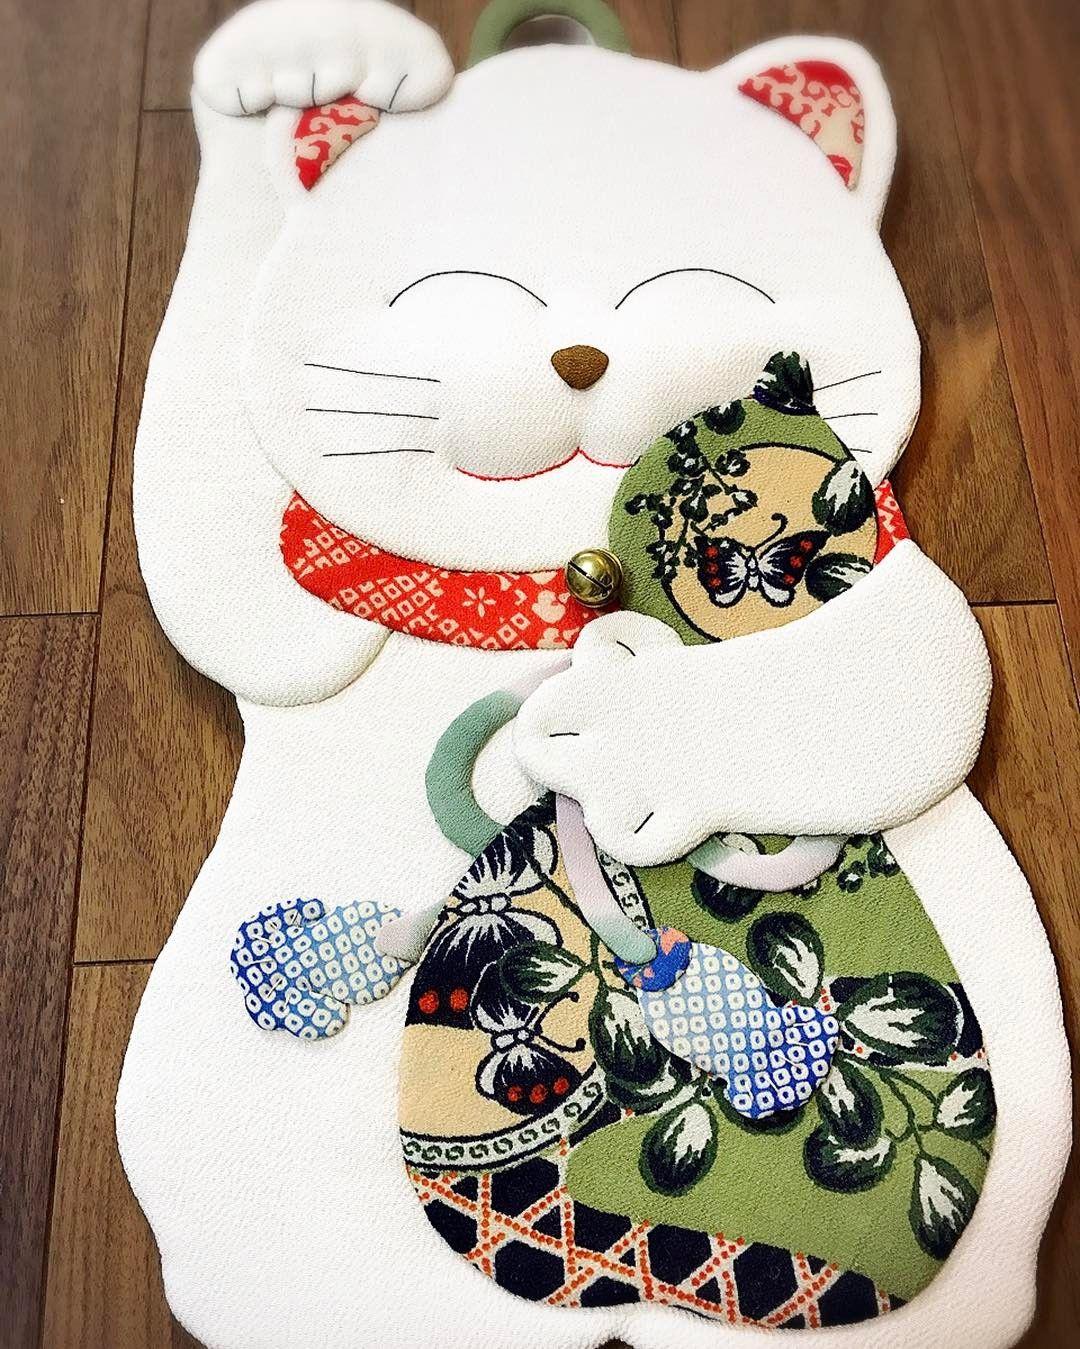 招き猫 これを作る時の1番のお気に入りは 鼻周りと手に綿を入れるところ モフモフしてくる感じがたまりませんニャ 宝来鈴 を付けたら なぜだか ドラえもんに思えてしまう 笑 welcomecat luckycat 古布 和 japan 日本 押絵 縁起物 猫 手作 招き猫